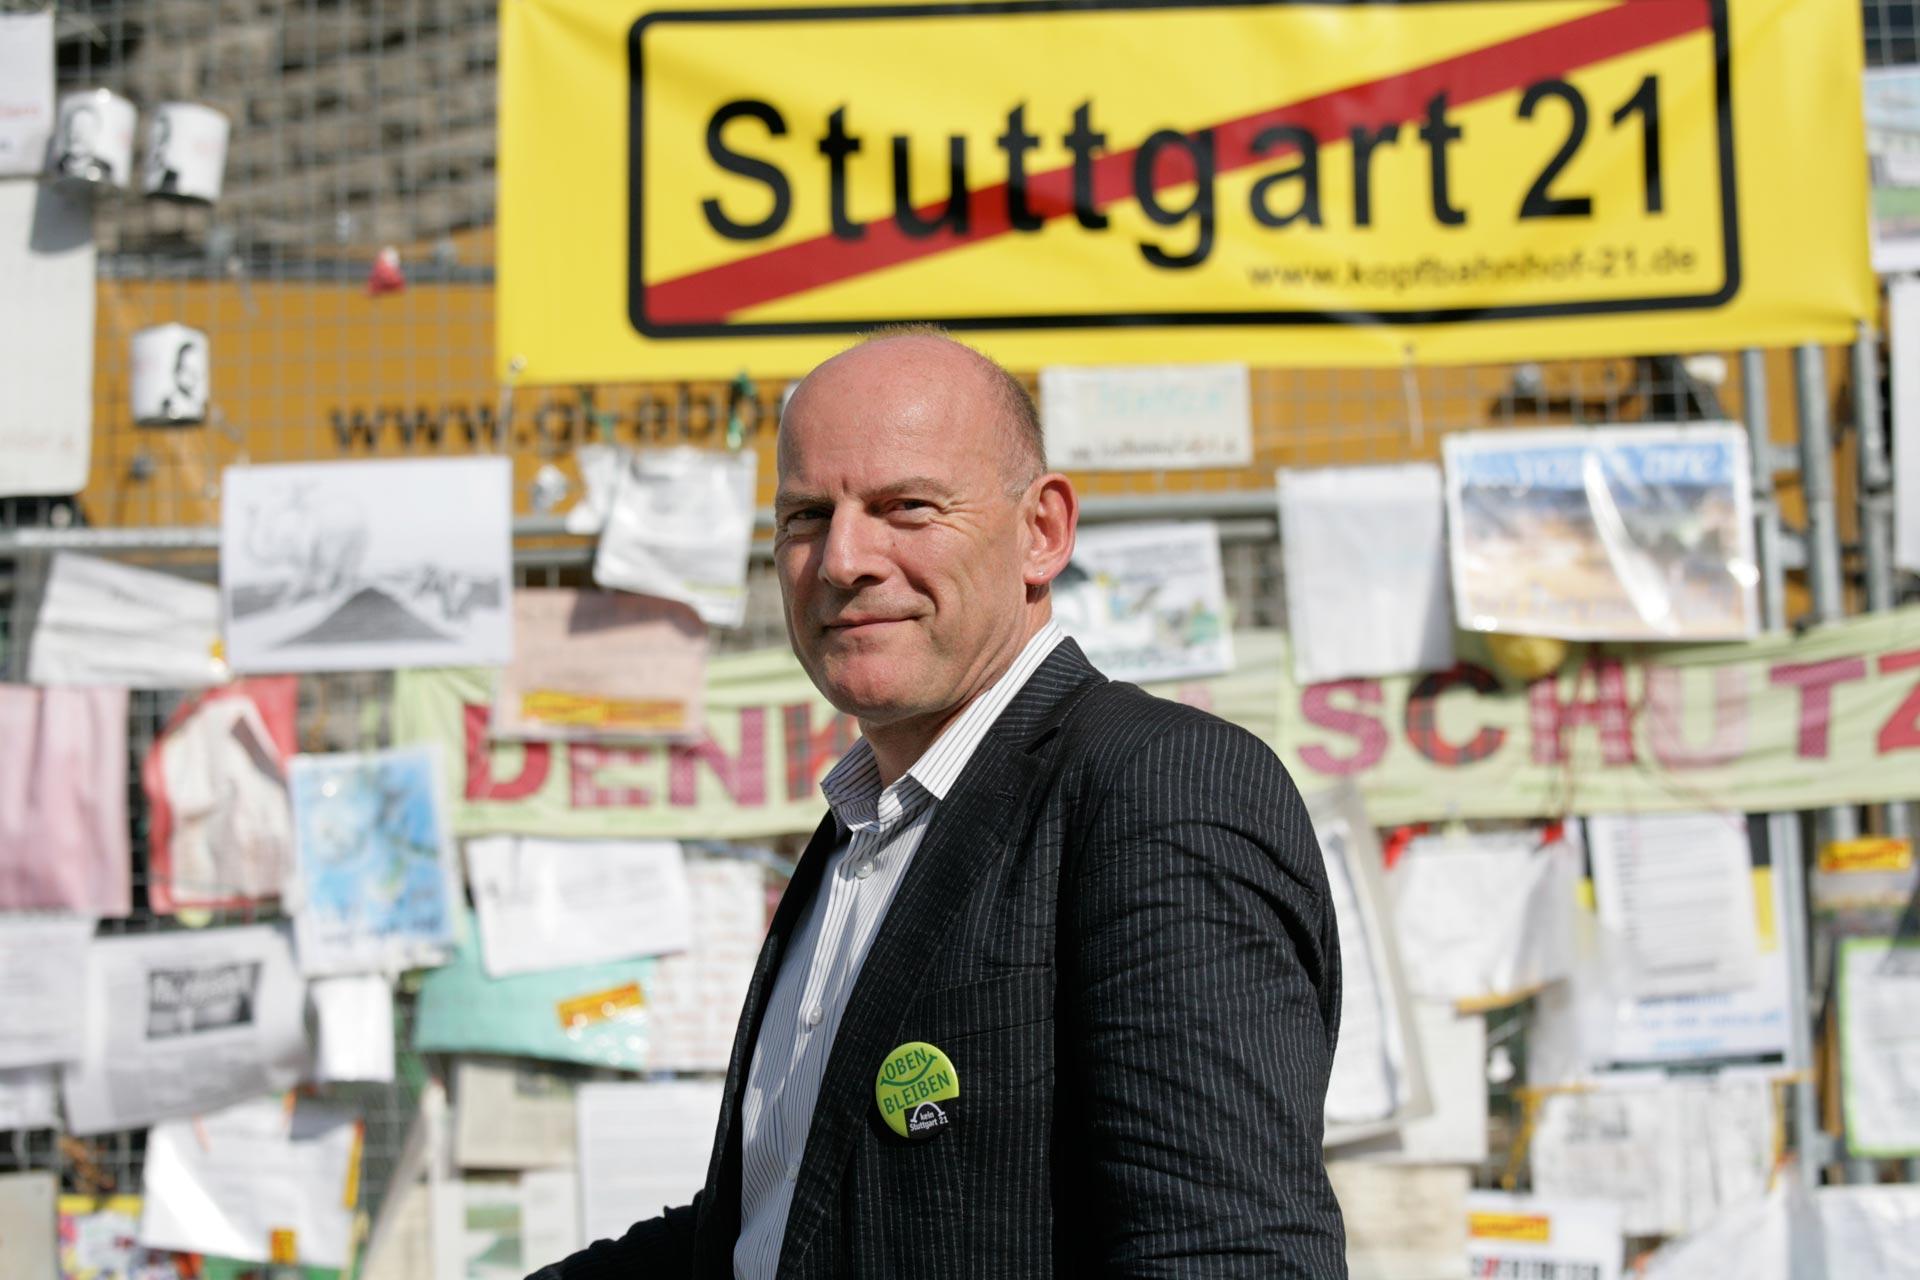 Winfried Hermann, hier in 2010, überzeugter Gegner von 'Stuttgart 21' ist seit Mai 2011 Minister für Verkehr und Infrastruktur in Baden-Württemberg.